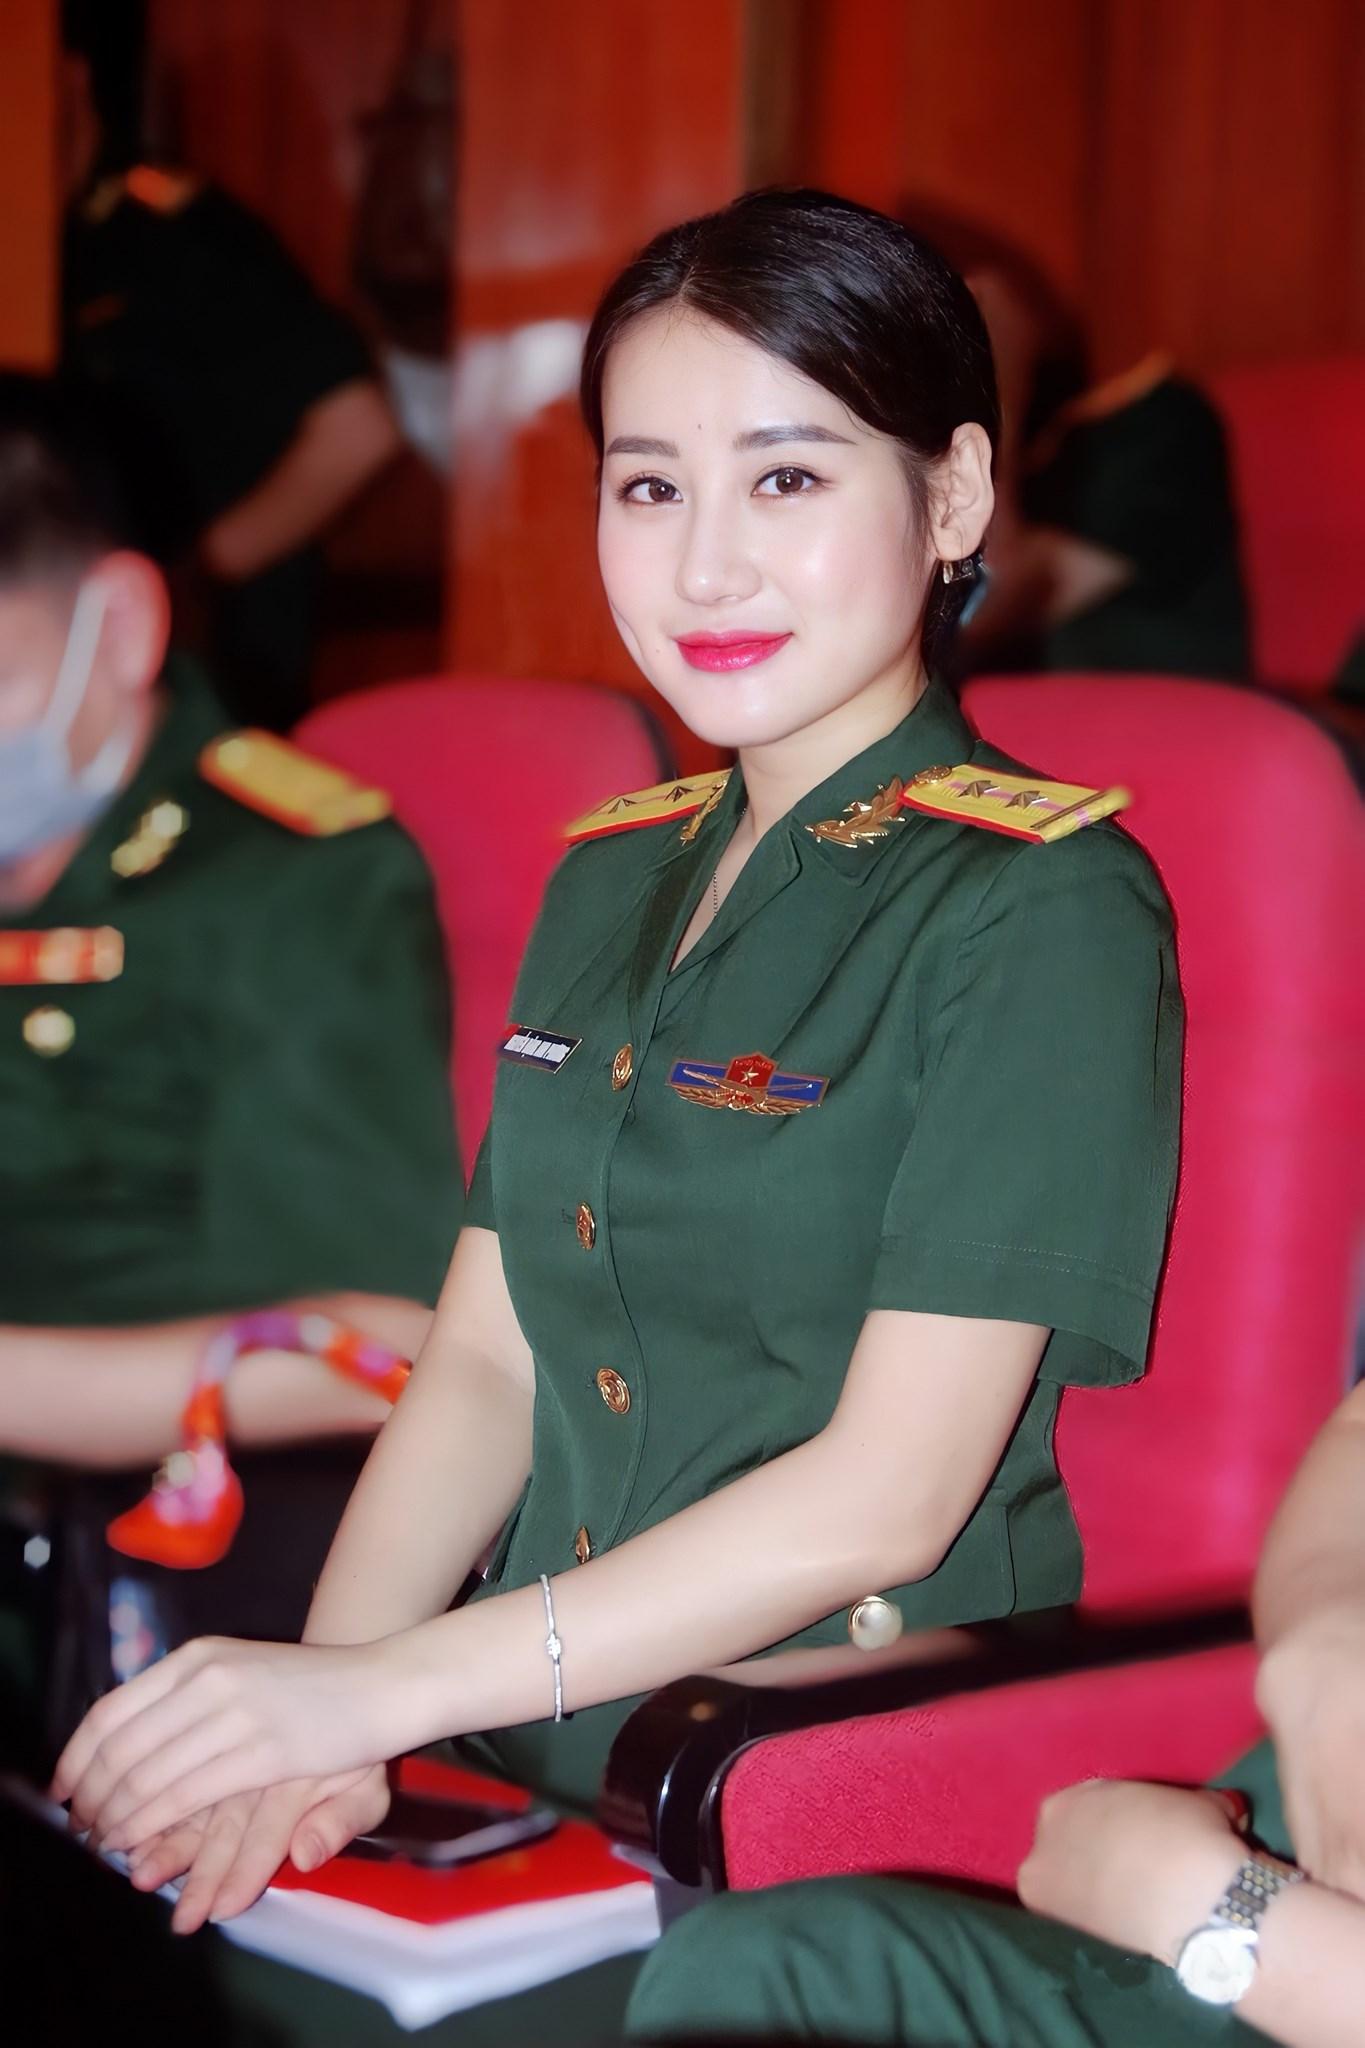 """Nữ quân nhân Việt xinh đẹp như hoa hậu, giữ dáng nhờ """"kỷ luật thép"""" - 8"""